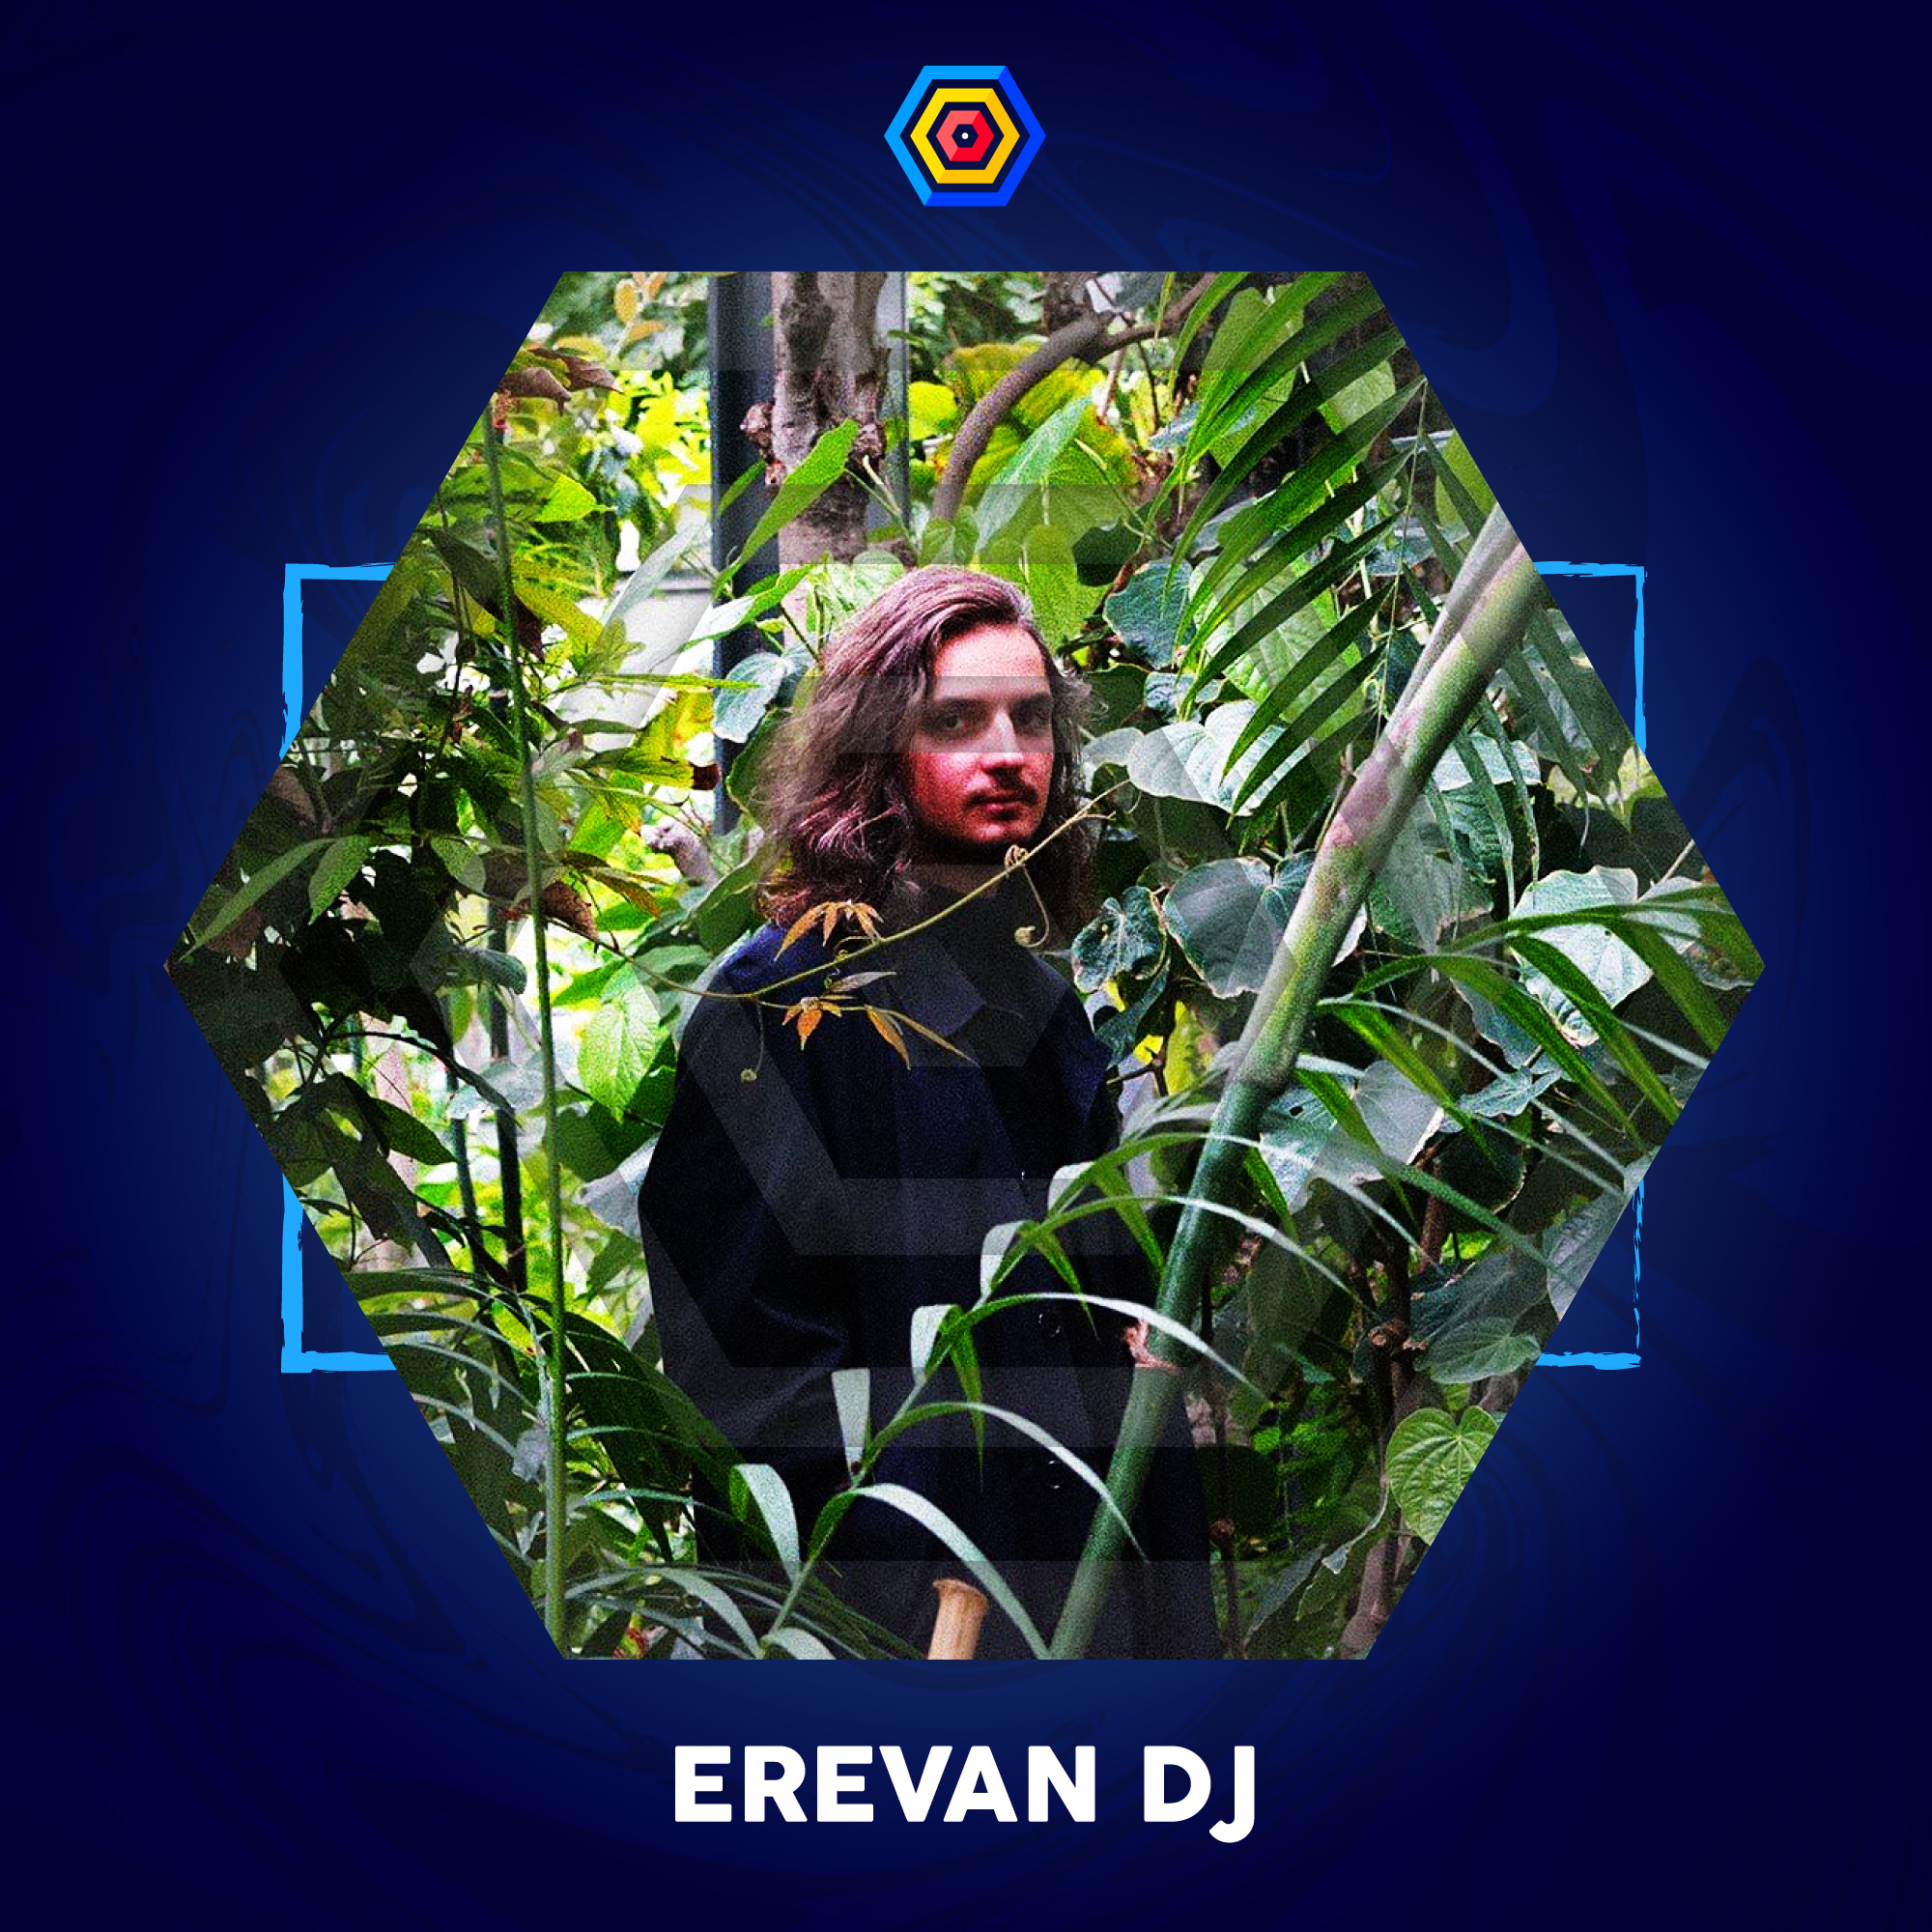 EREVAN DJ